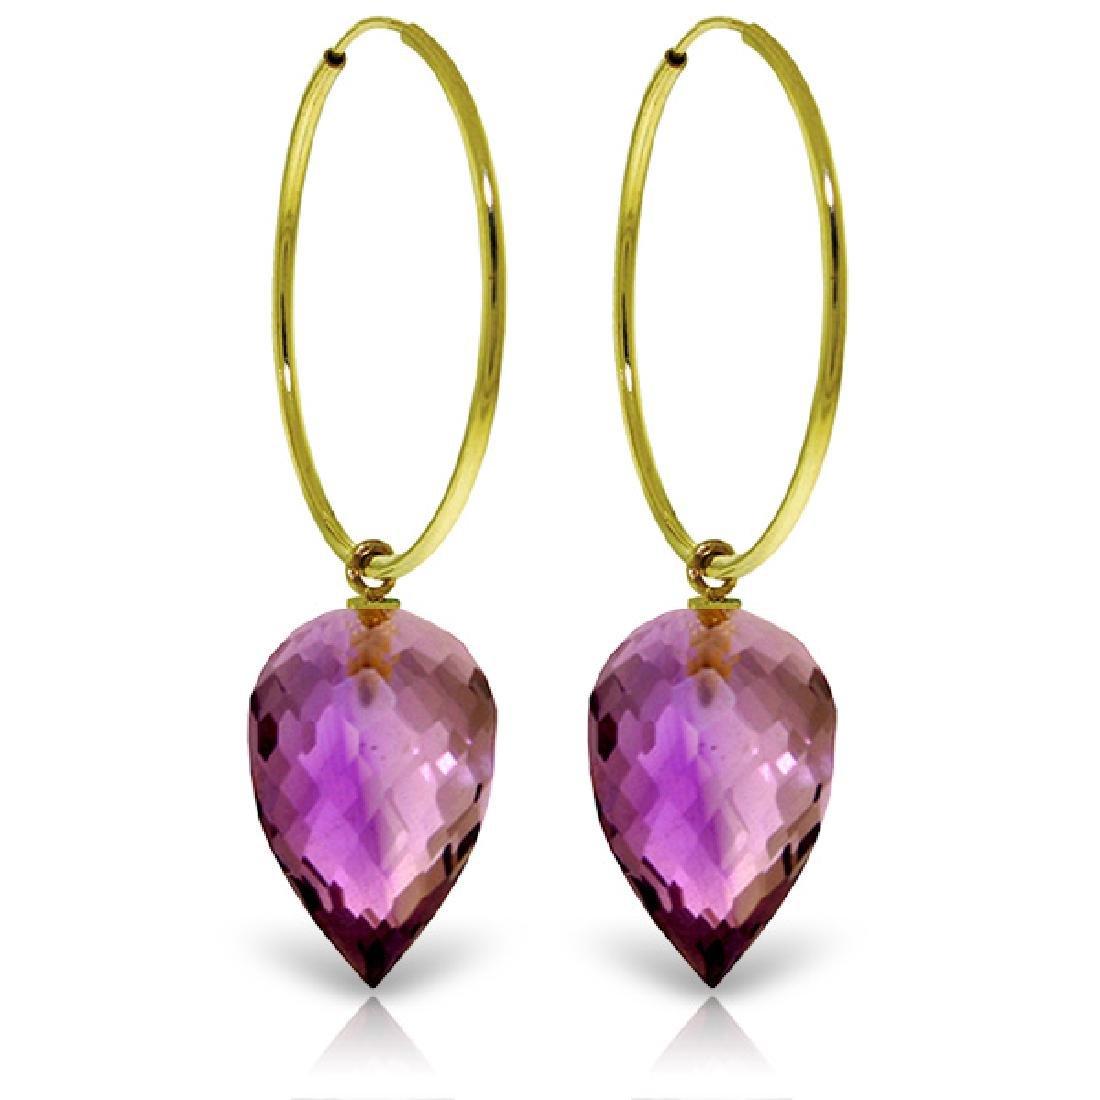 Genuine 19 ctw Amethyst Earrings Jewelry 14KT Yellow